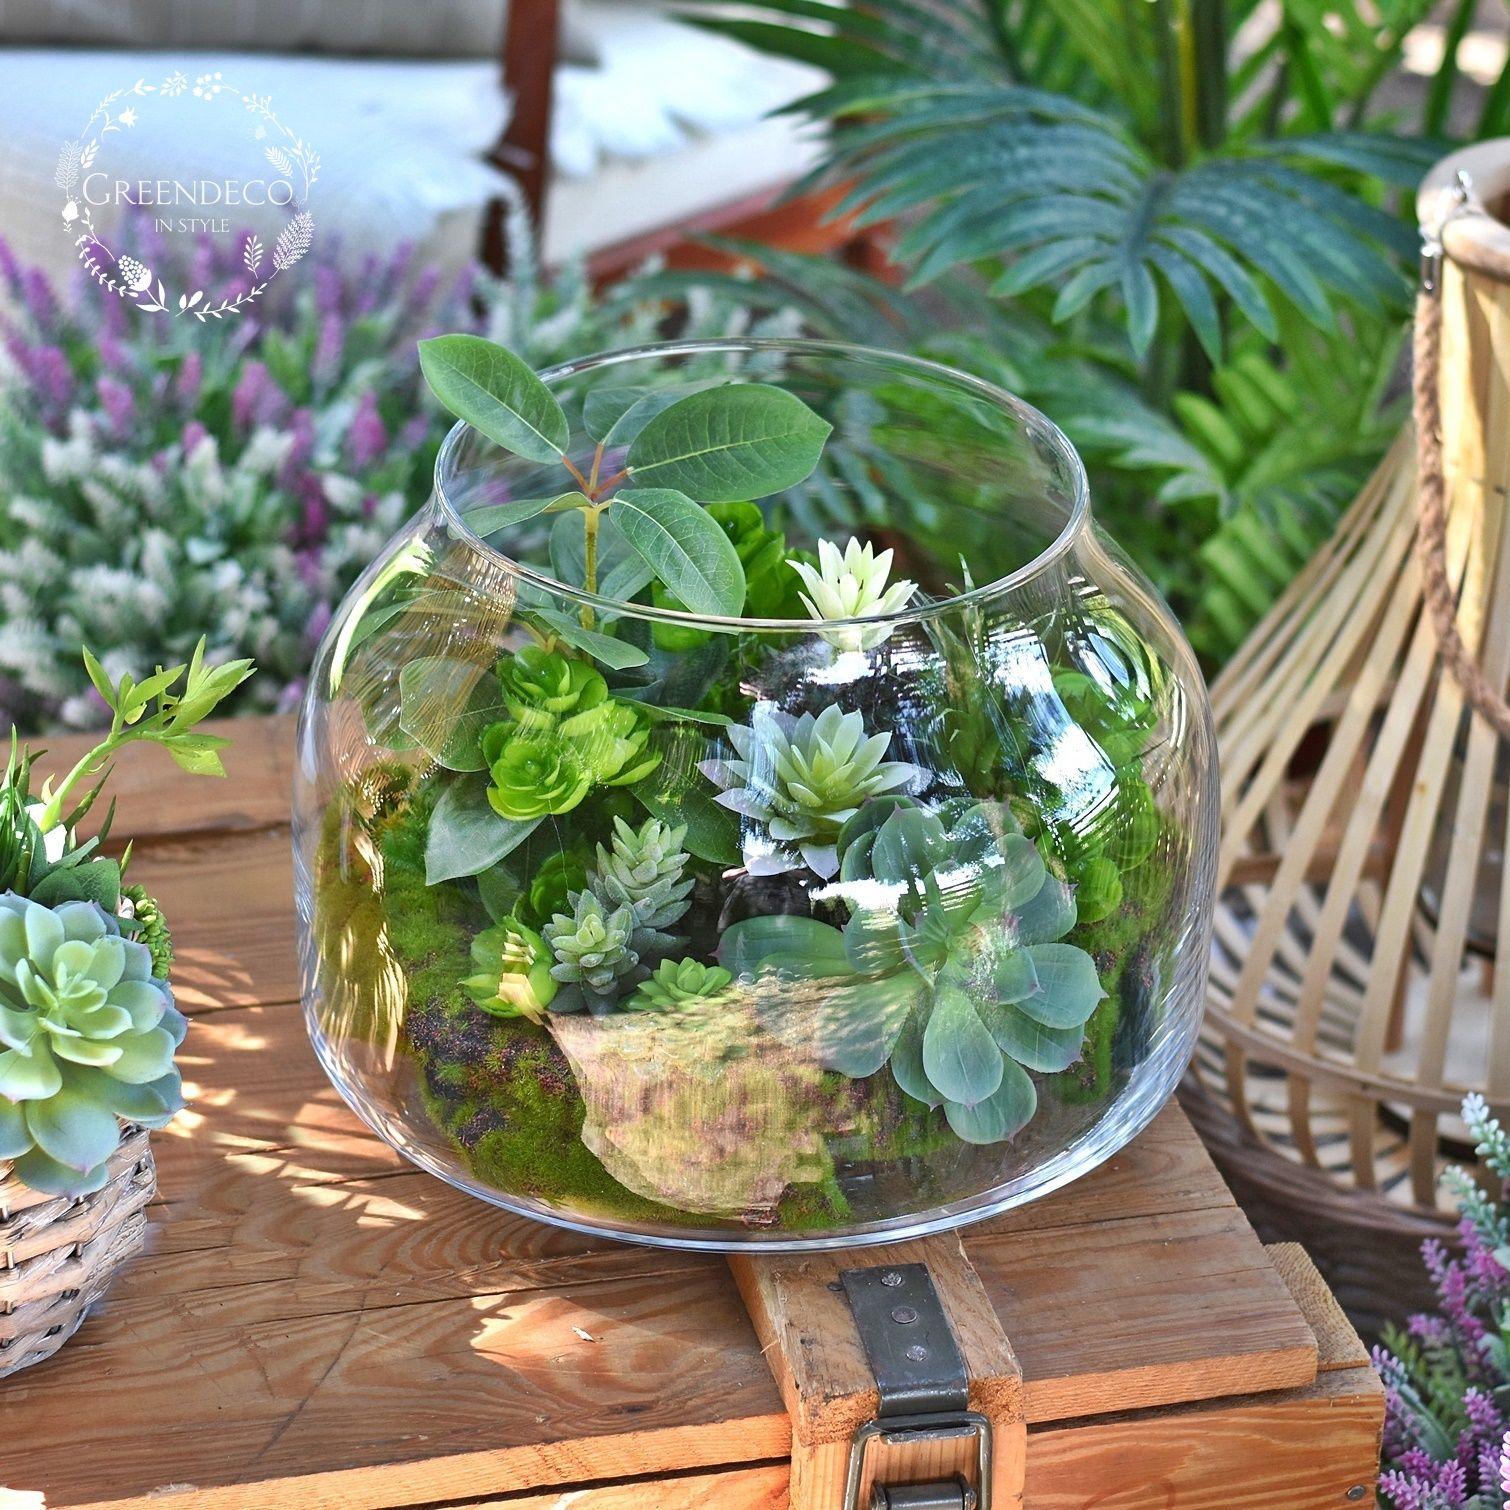 Lasy W Szkle Sukulenty W Szkle Plants Garden Decor